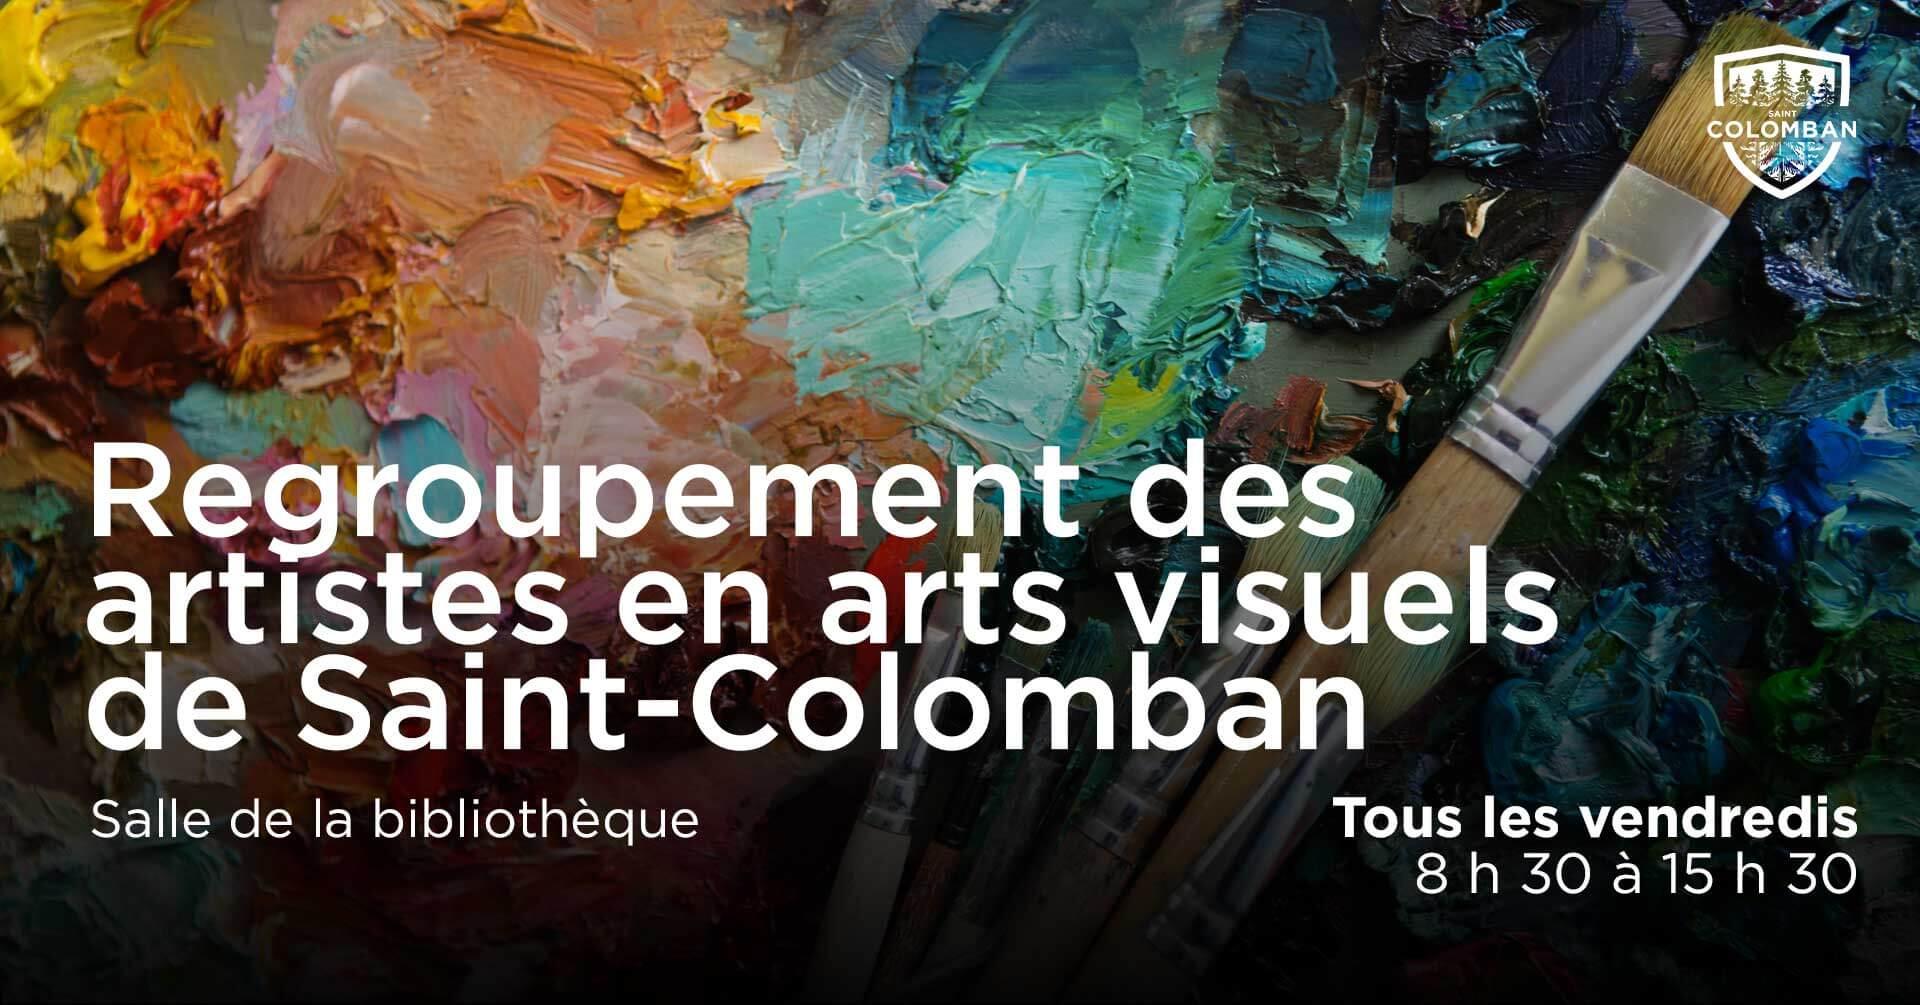 Regroupement des artistes en arts visuels de Saint-Colomban